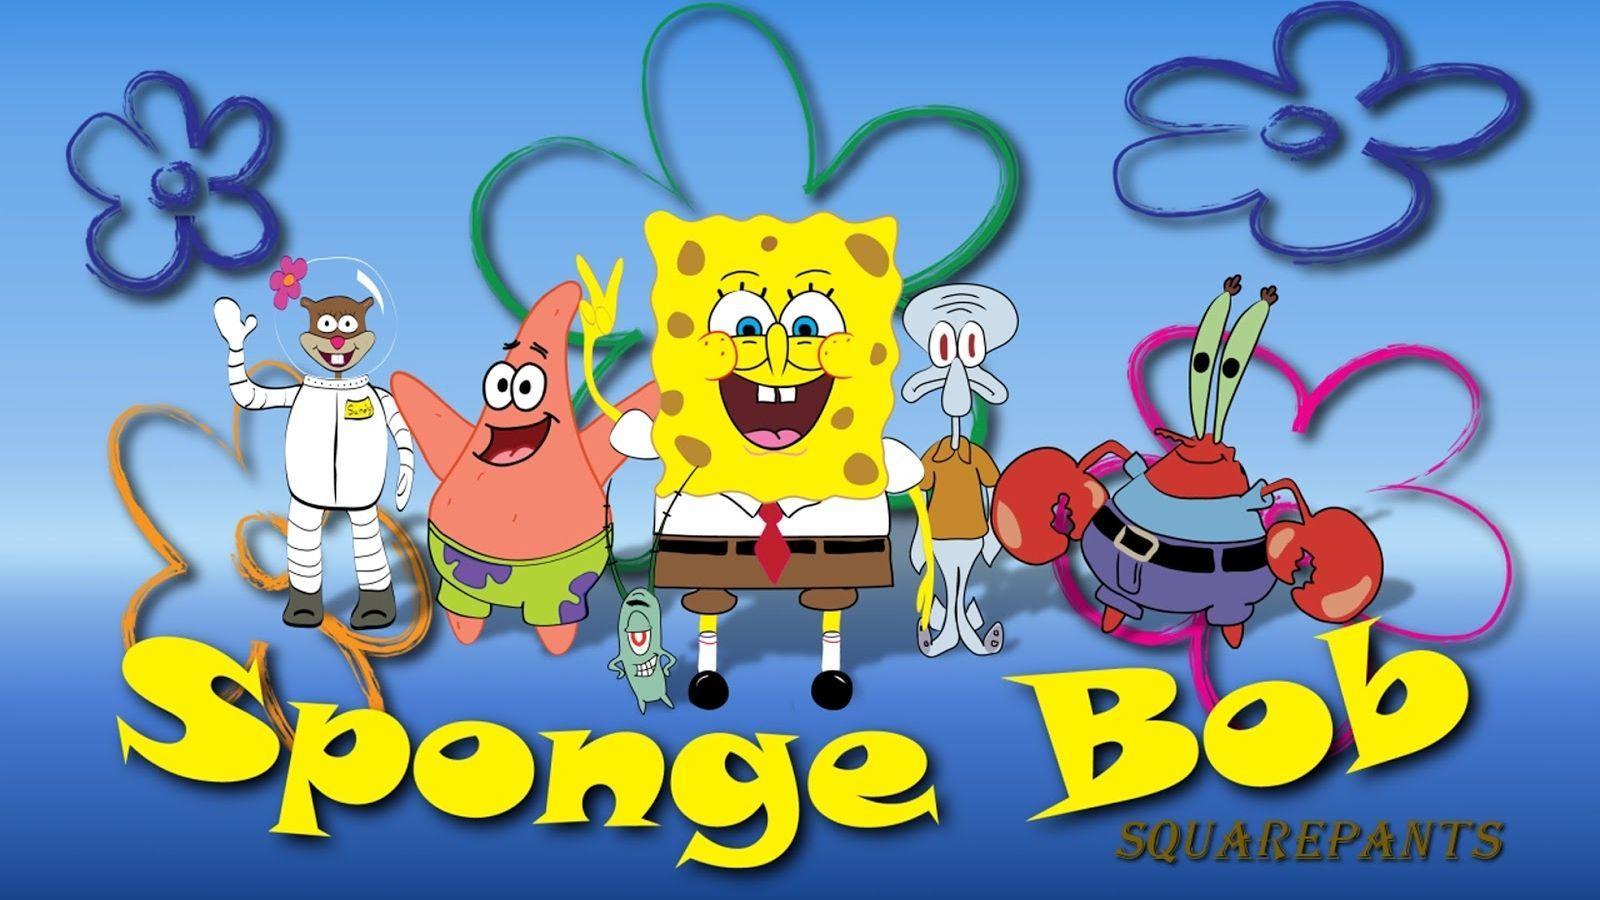 Download Gambar Spongebob Dan Patrick Keren - Koleksi ...